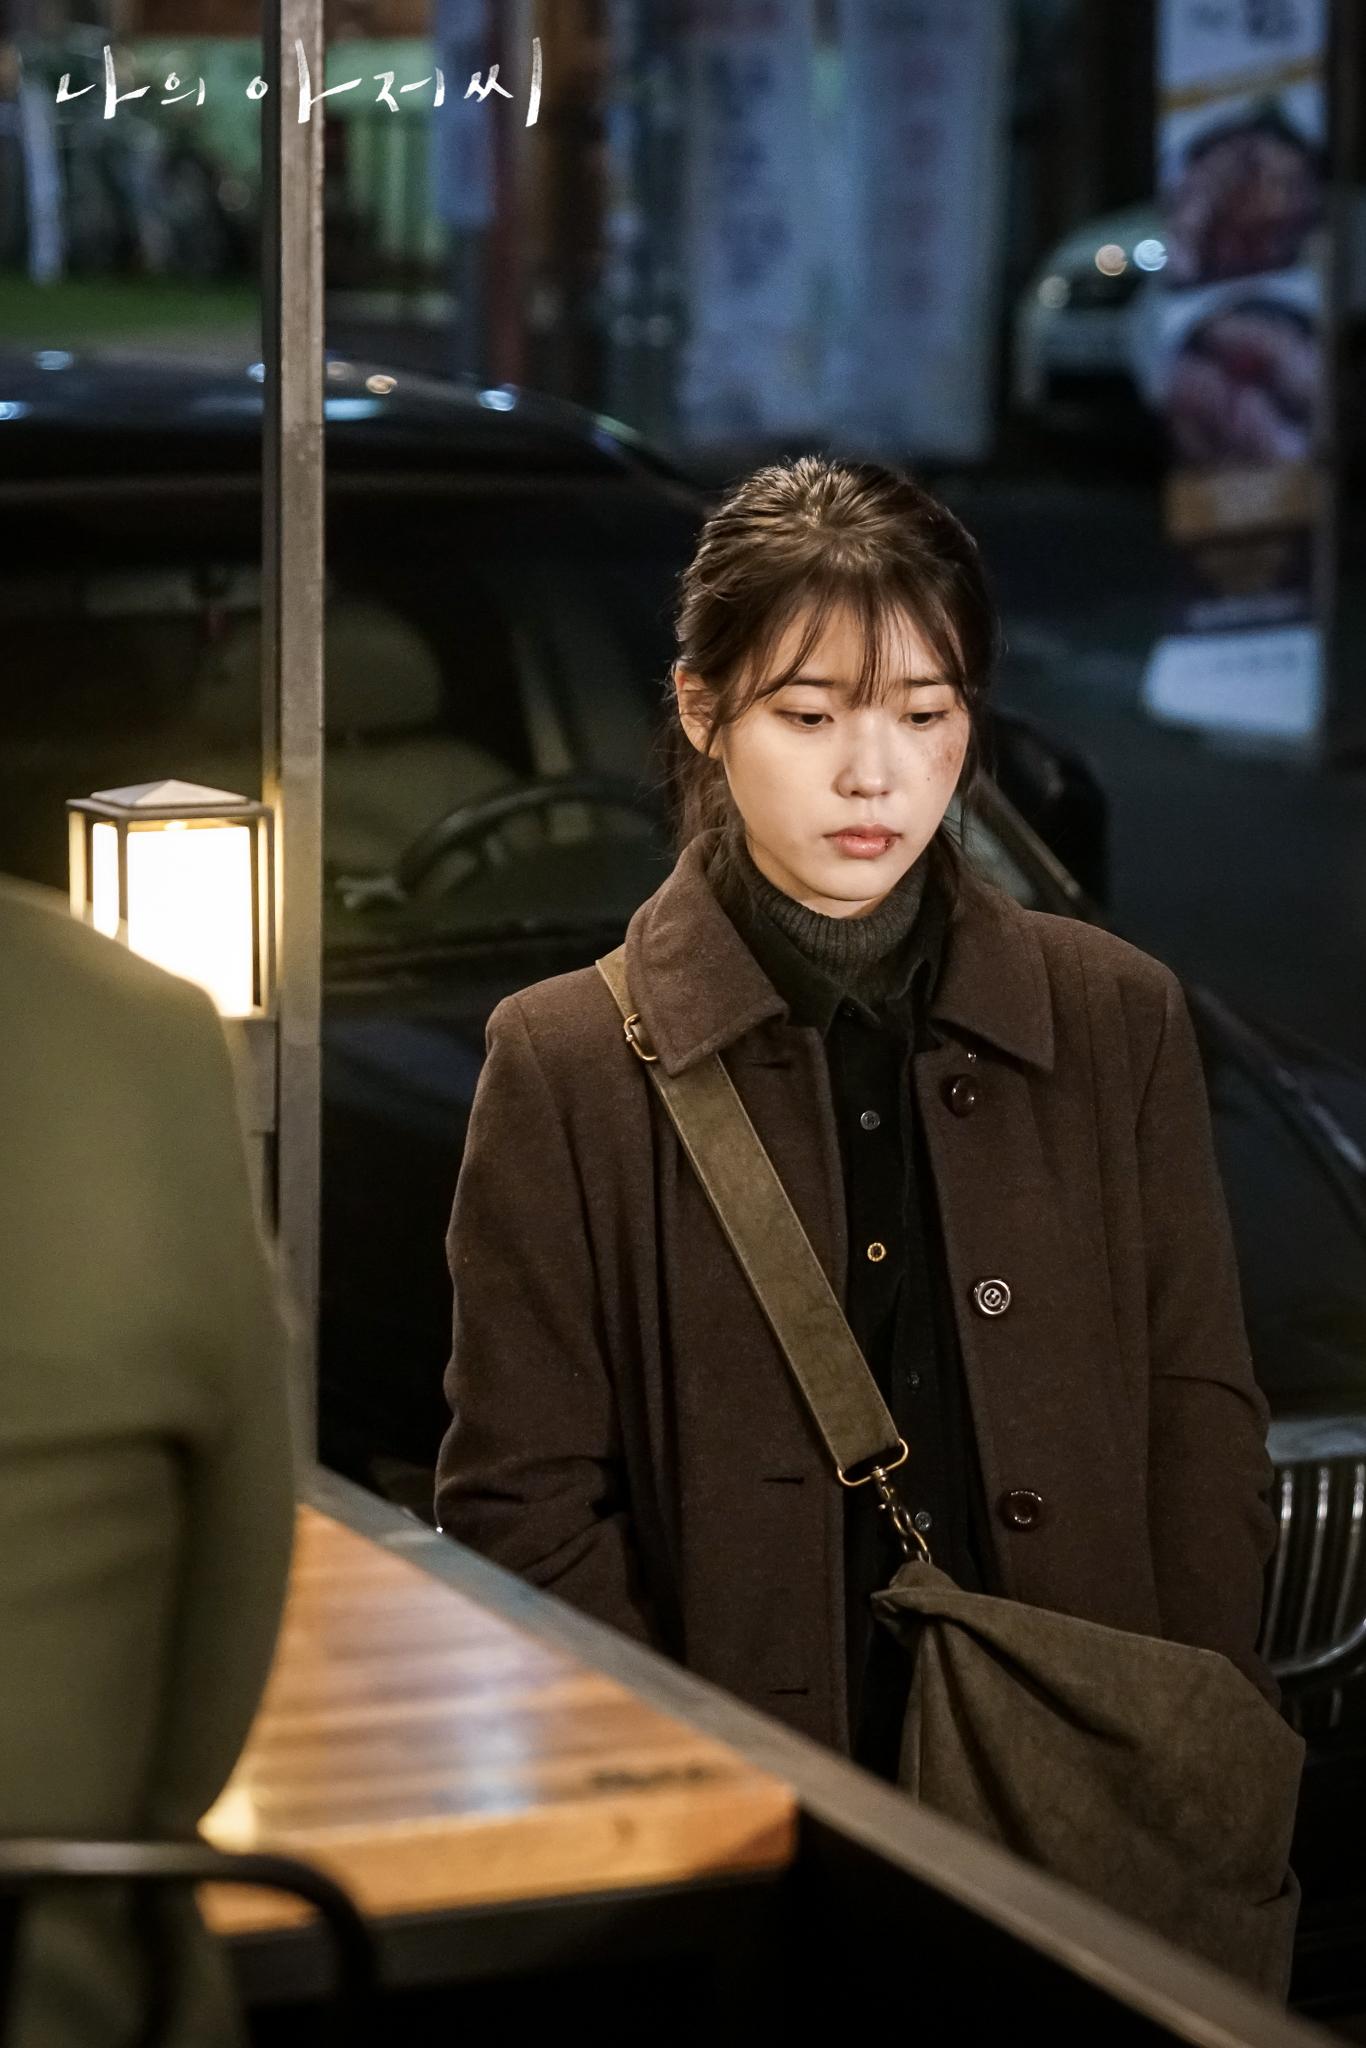 Top 5 thần tượng tỏa sáng trên màn ảnh xứ Hàn năm 2018: EXO trúng số đến 2 thành viên! - Ảnh 2.